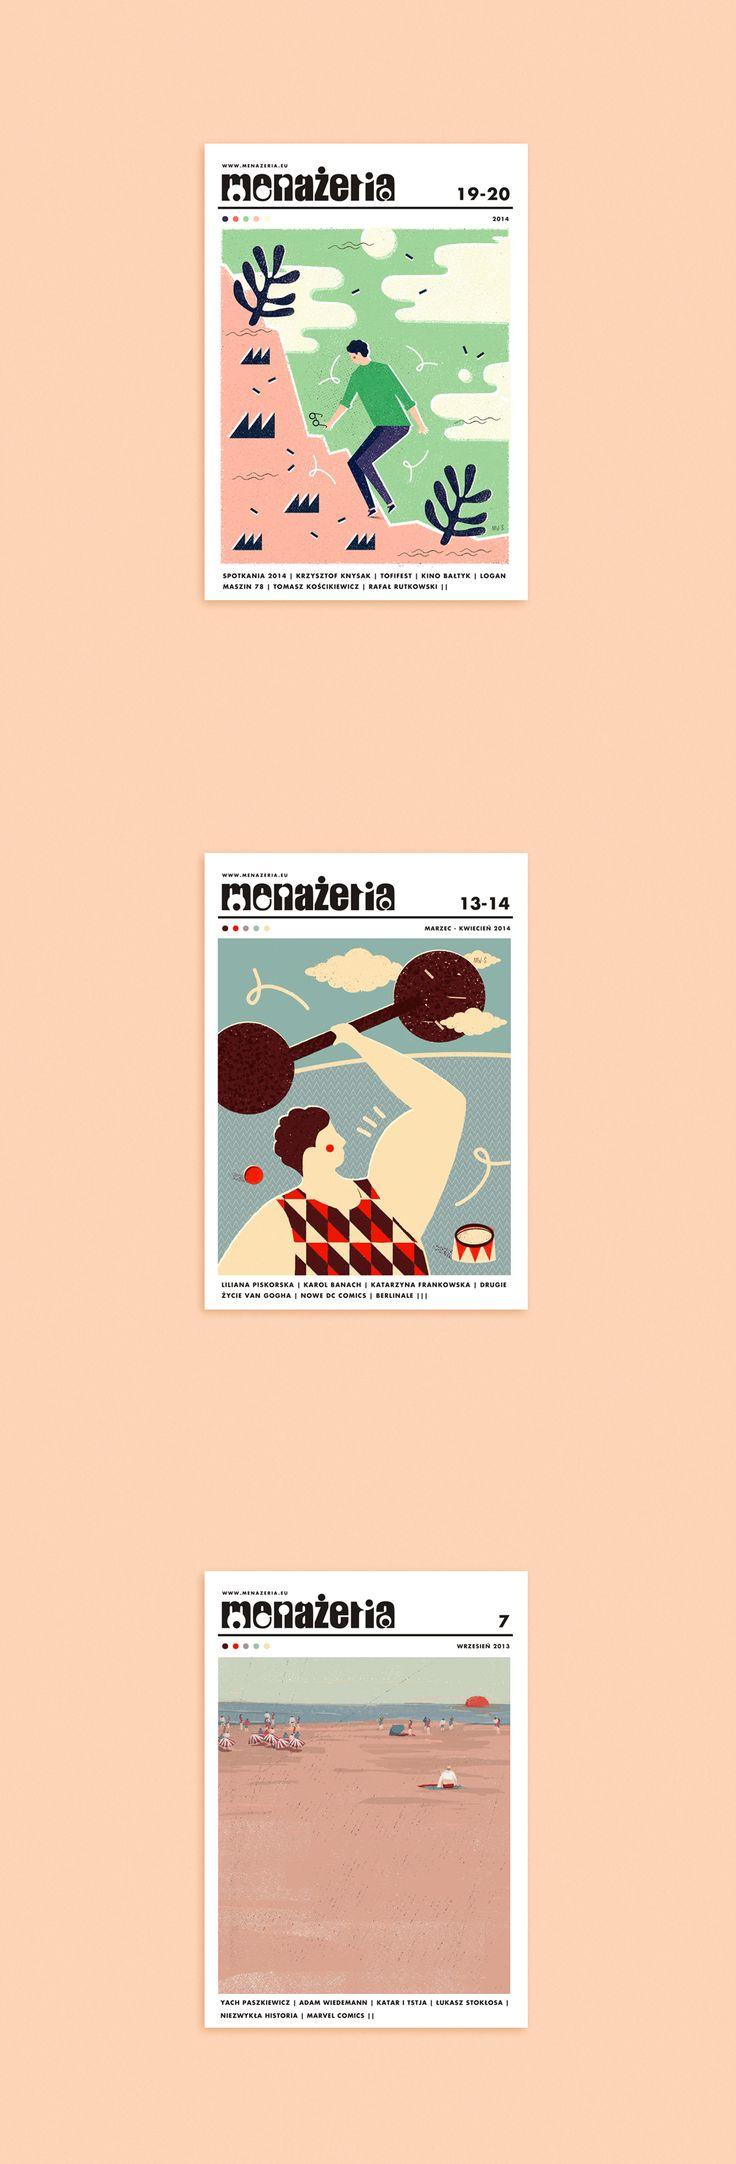 Martyna Wójcik-Śmierska https://www.behance.net/gallery/15726475/COVER-ILLUSTRATION